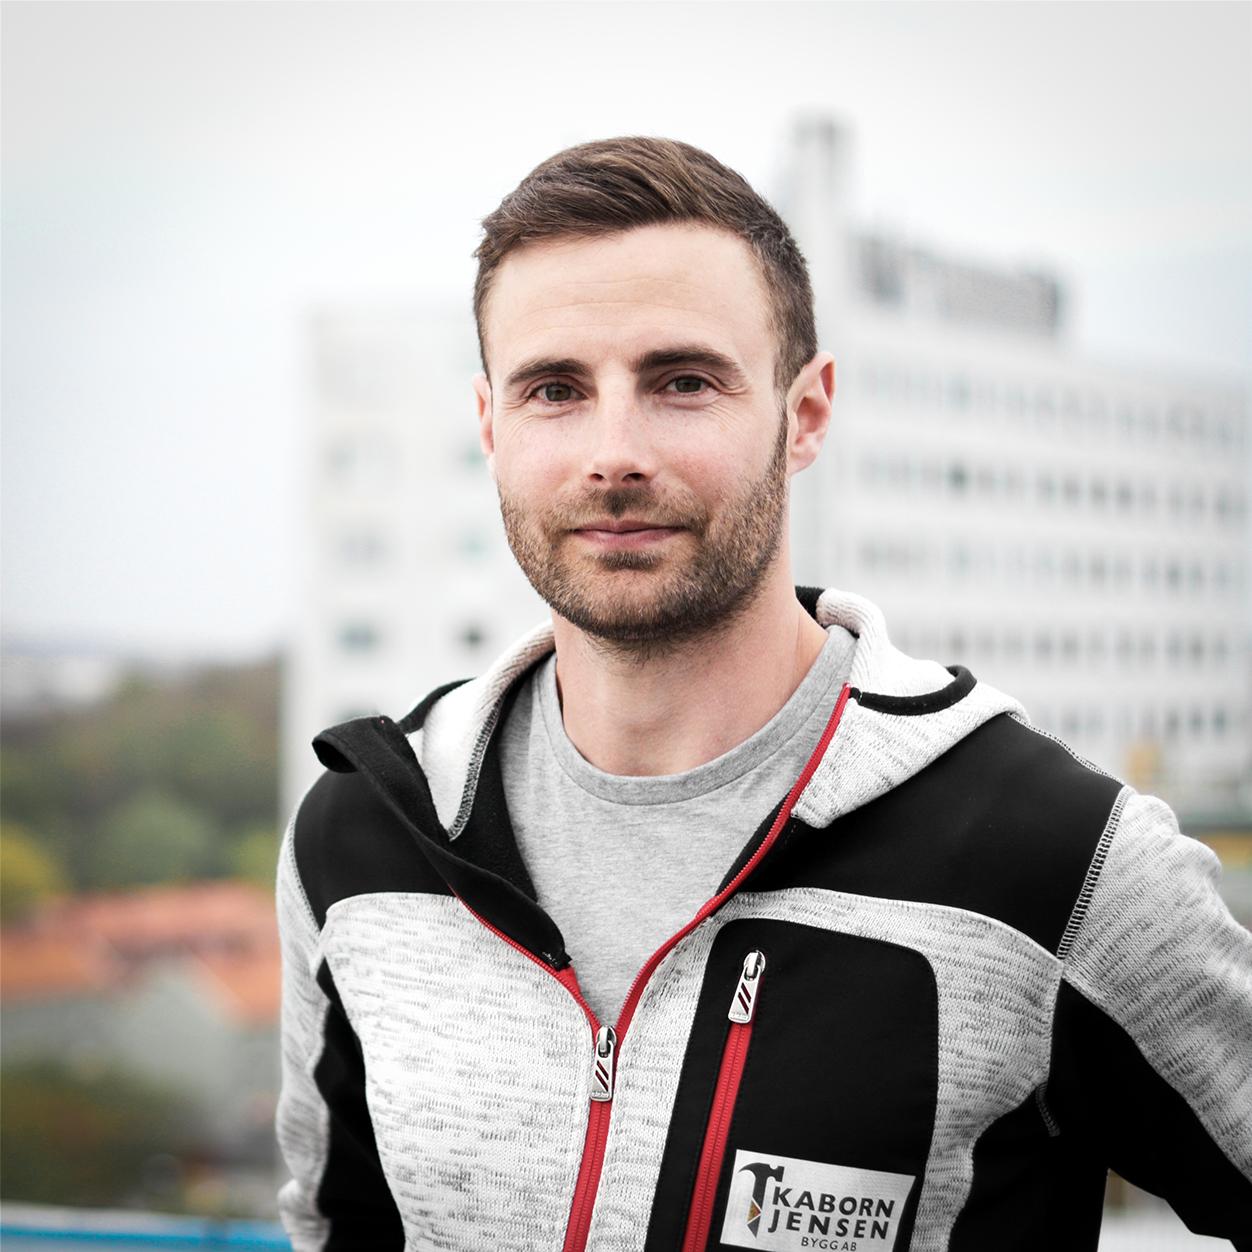 Christoffer Voegelen Jensen – Projektledare, Kaborn Jensen Bygg AB